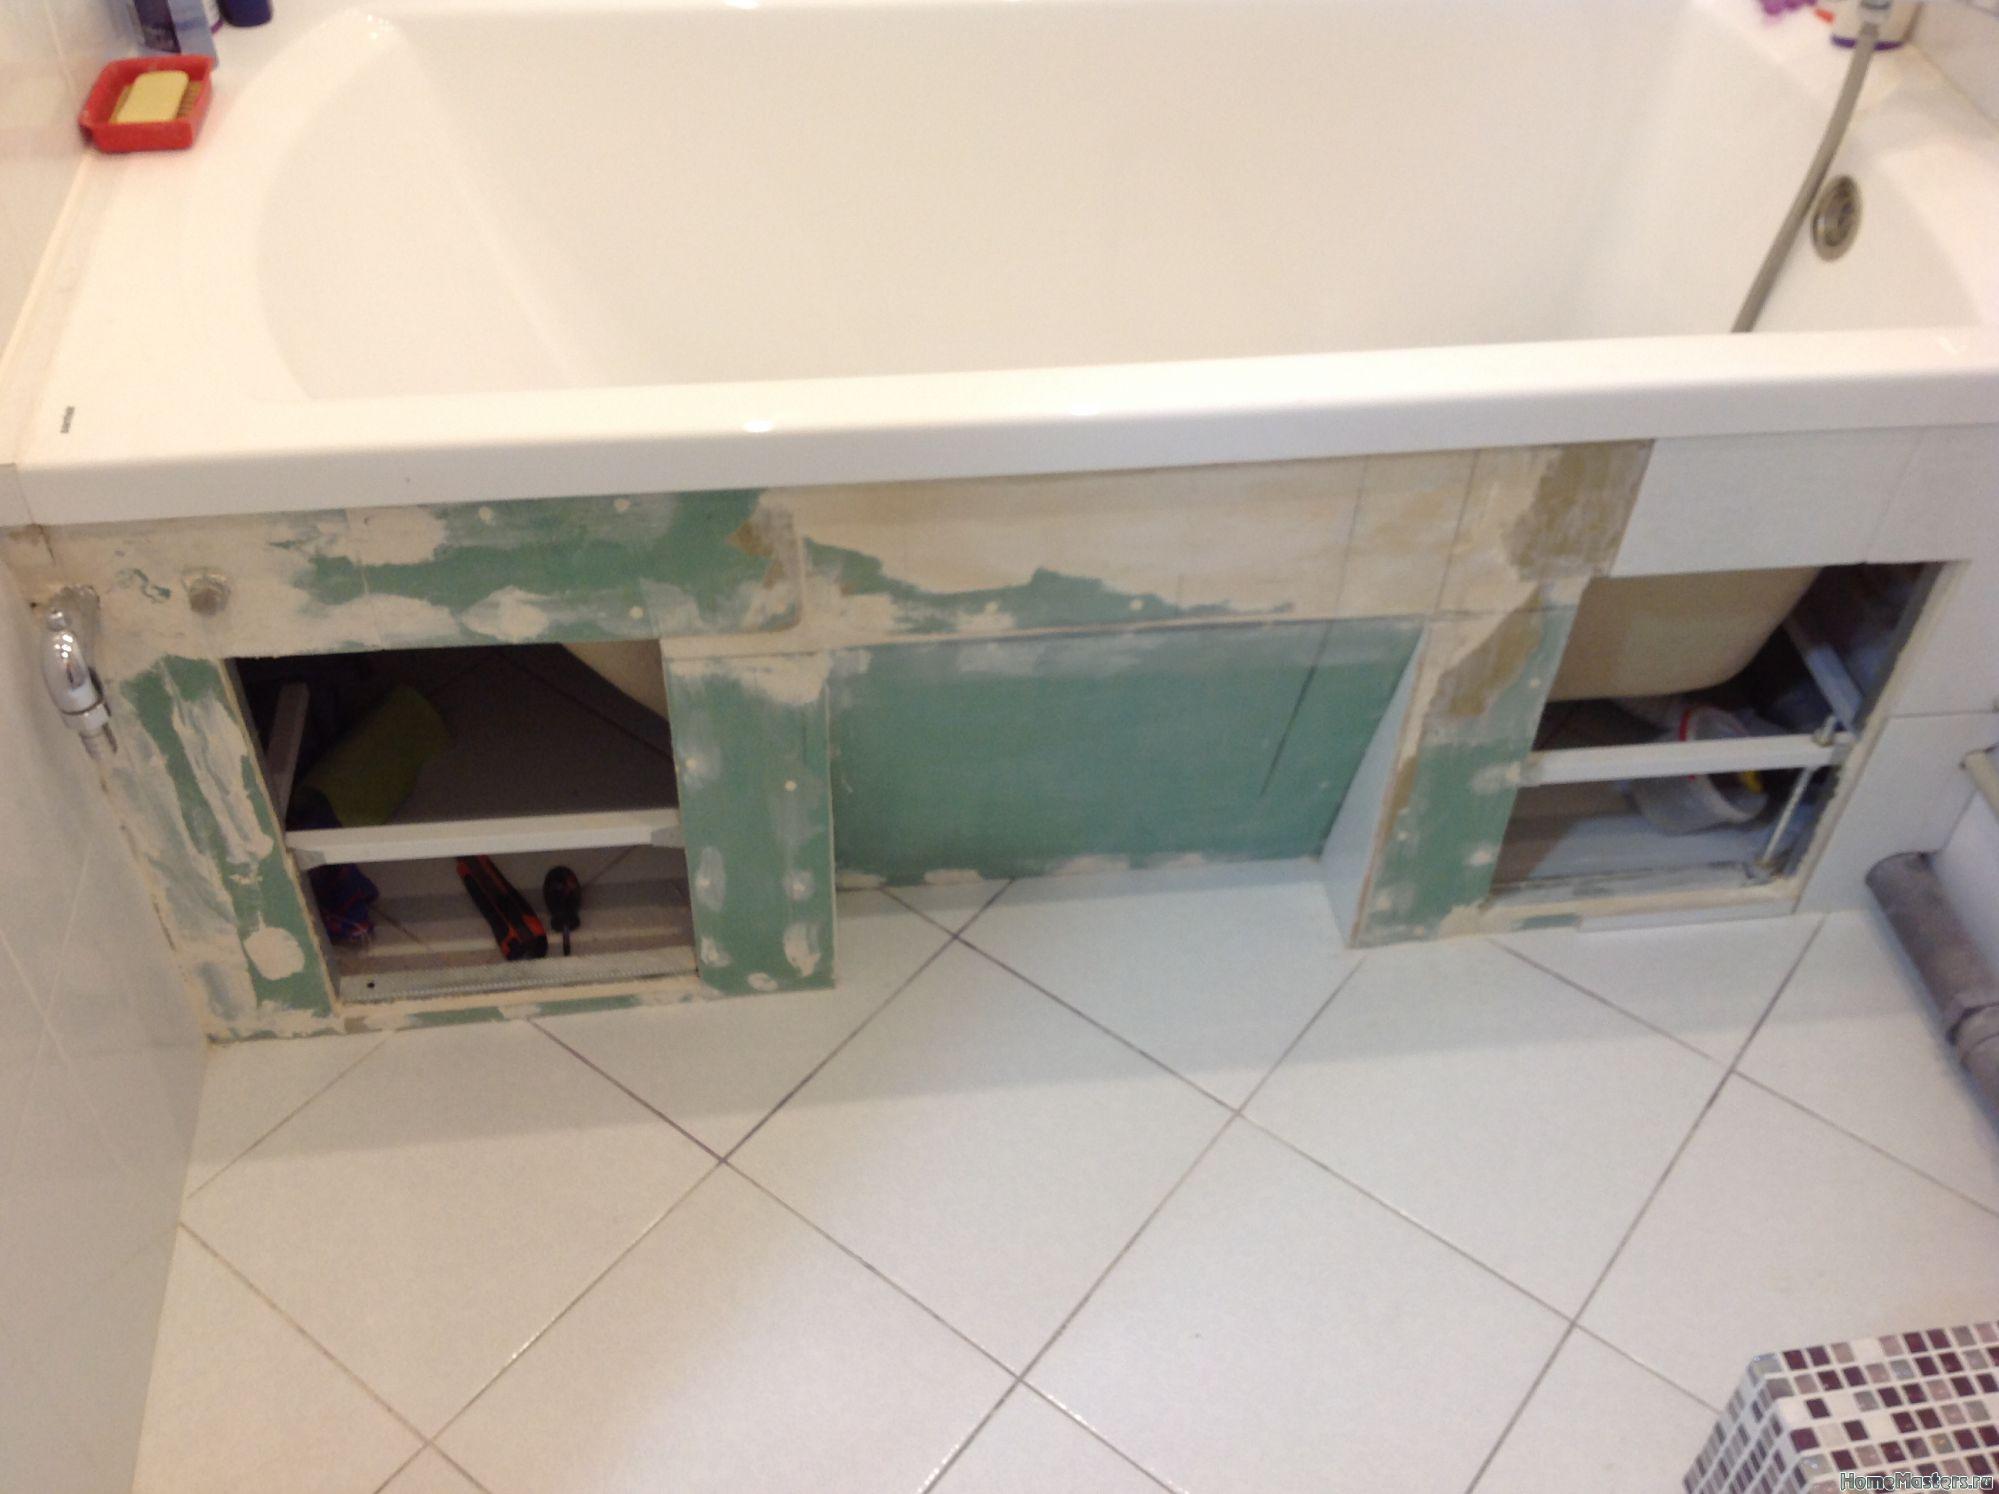 Экран под ванну из плитки: способы, инструкция по устройству 61